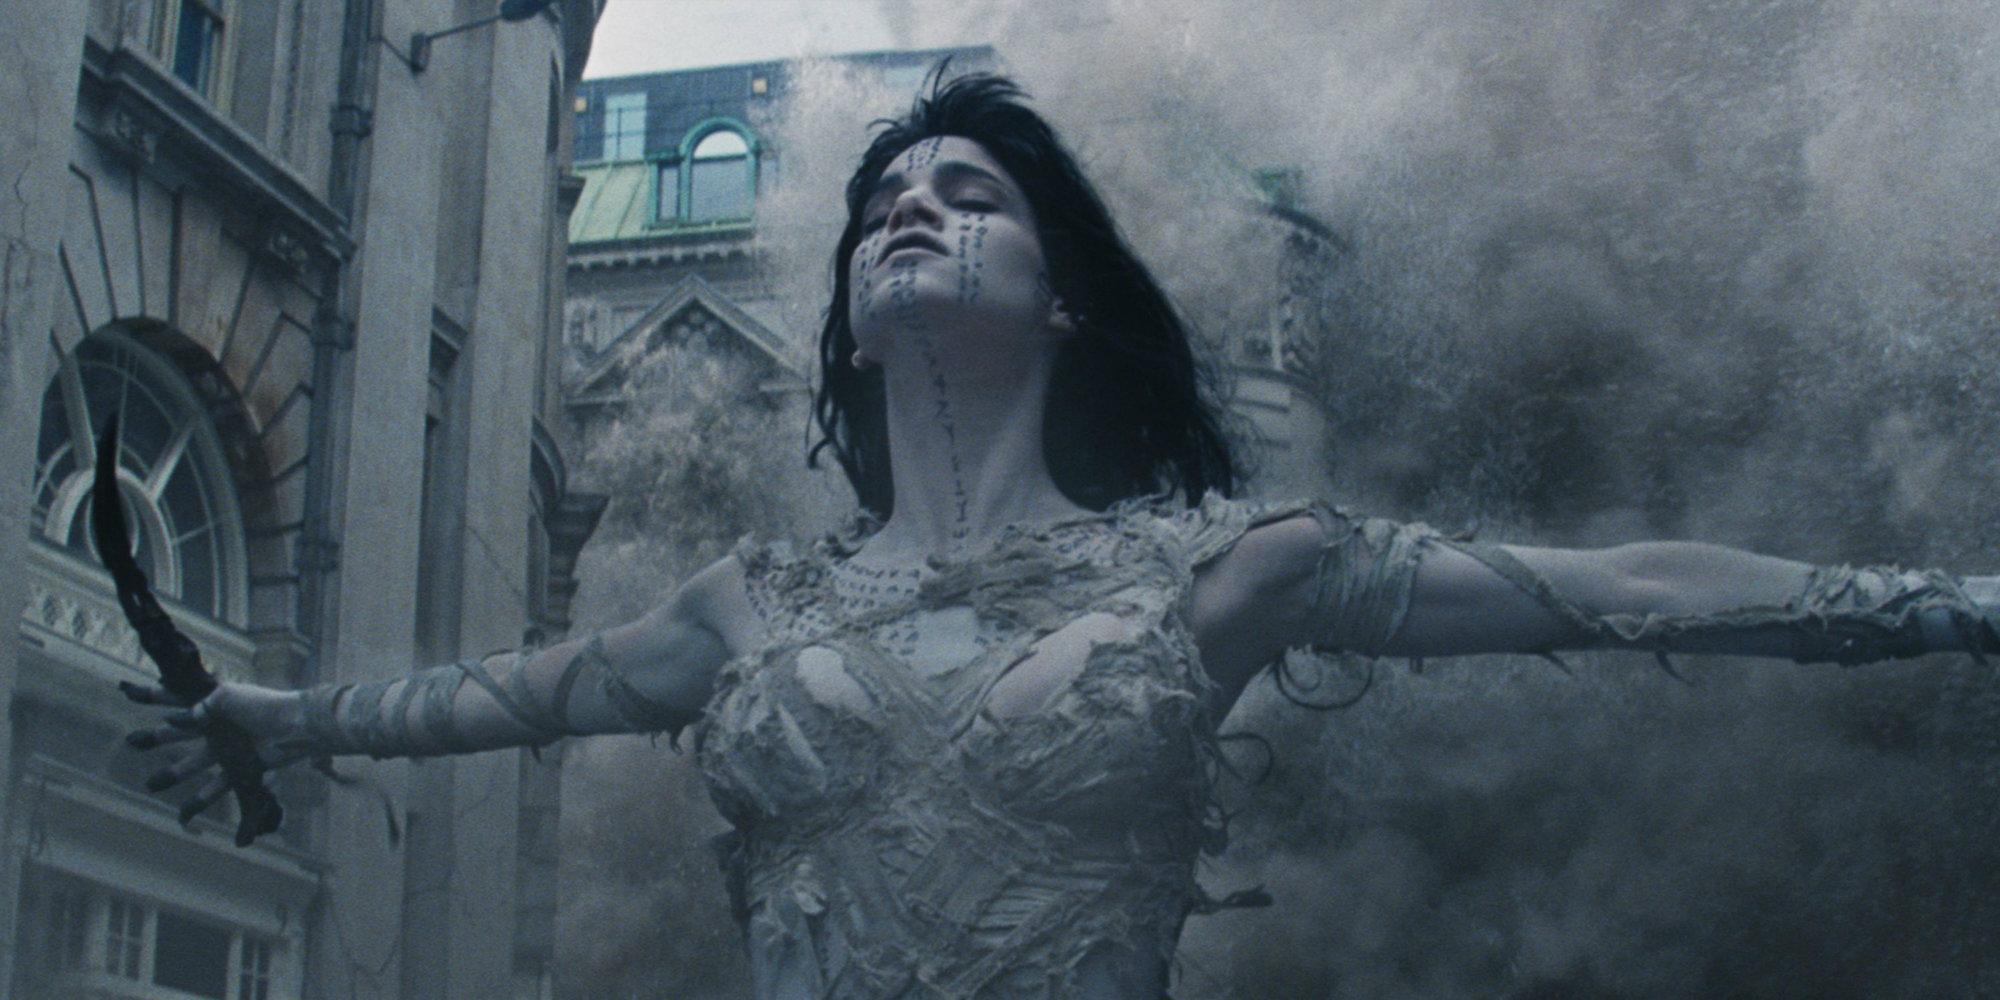 5 หนังแห่งดินแดนไอยคุปต์ 'อียิปต์-ฟาโรห์-ทะเลทราย' ก่อนเปิดฝาโลงใน ...